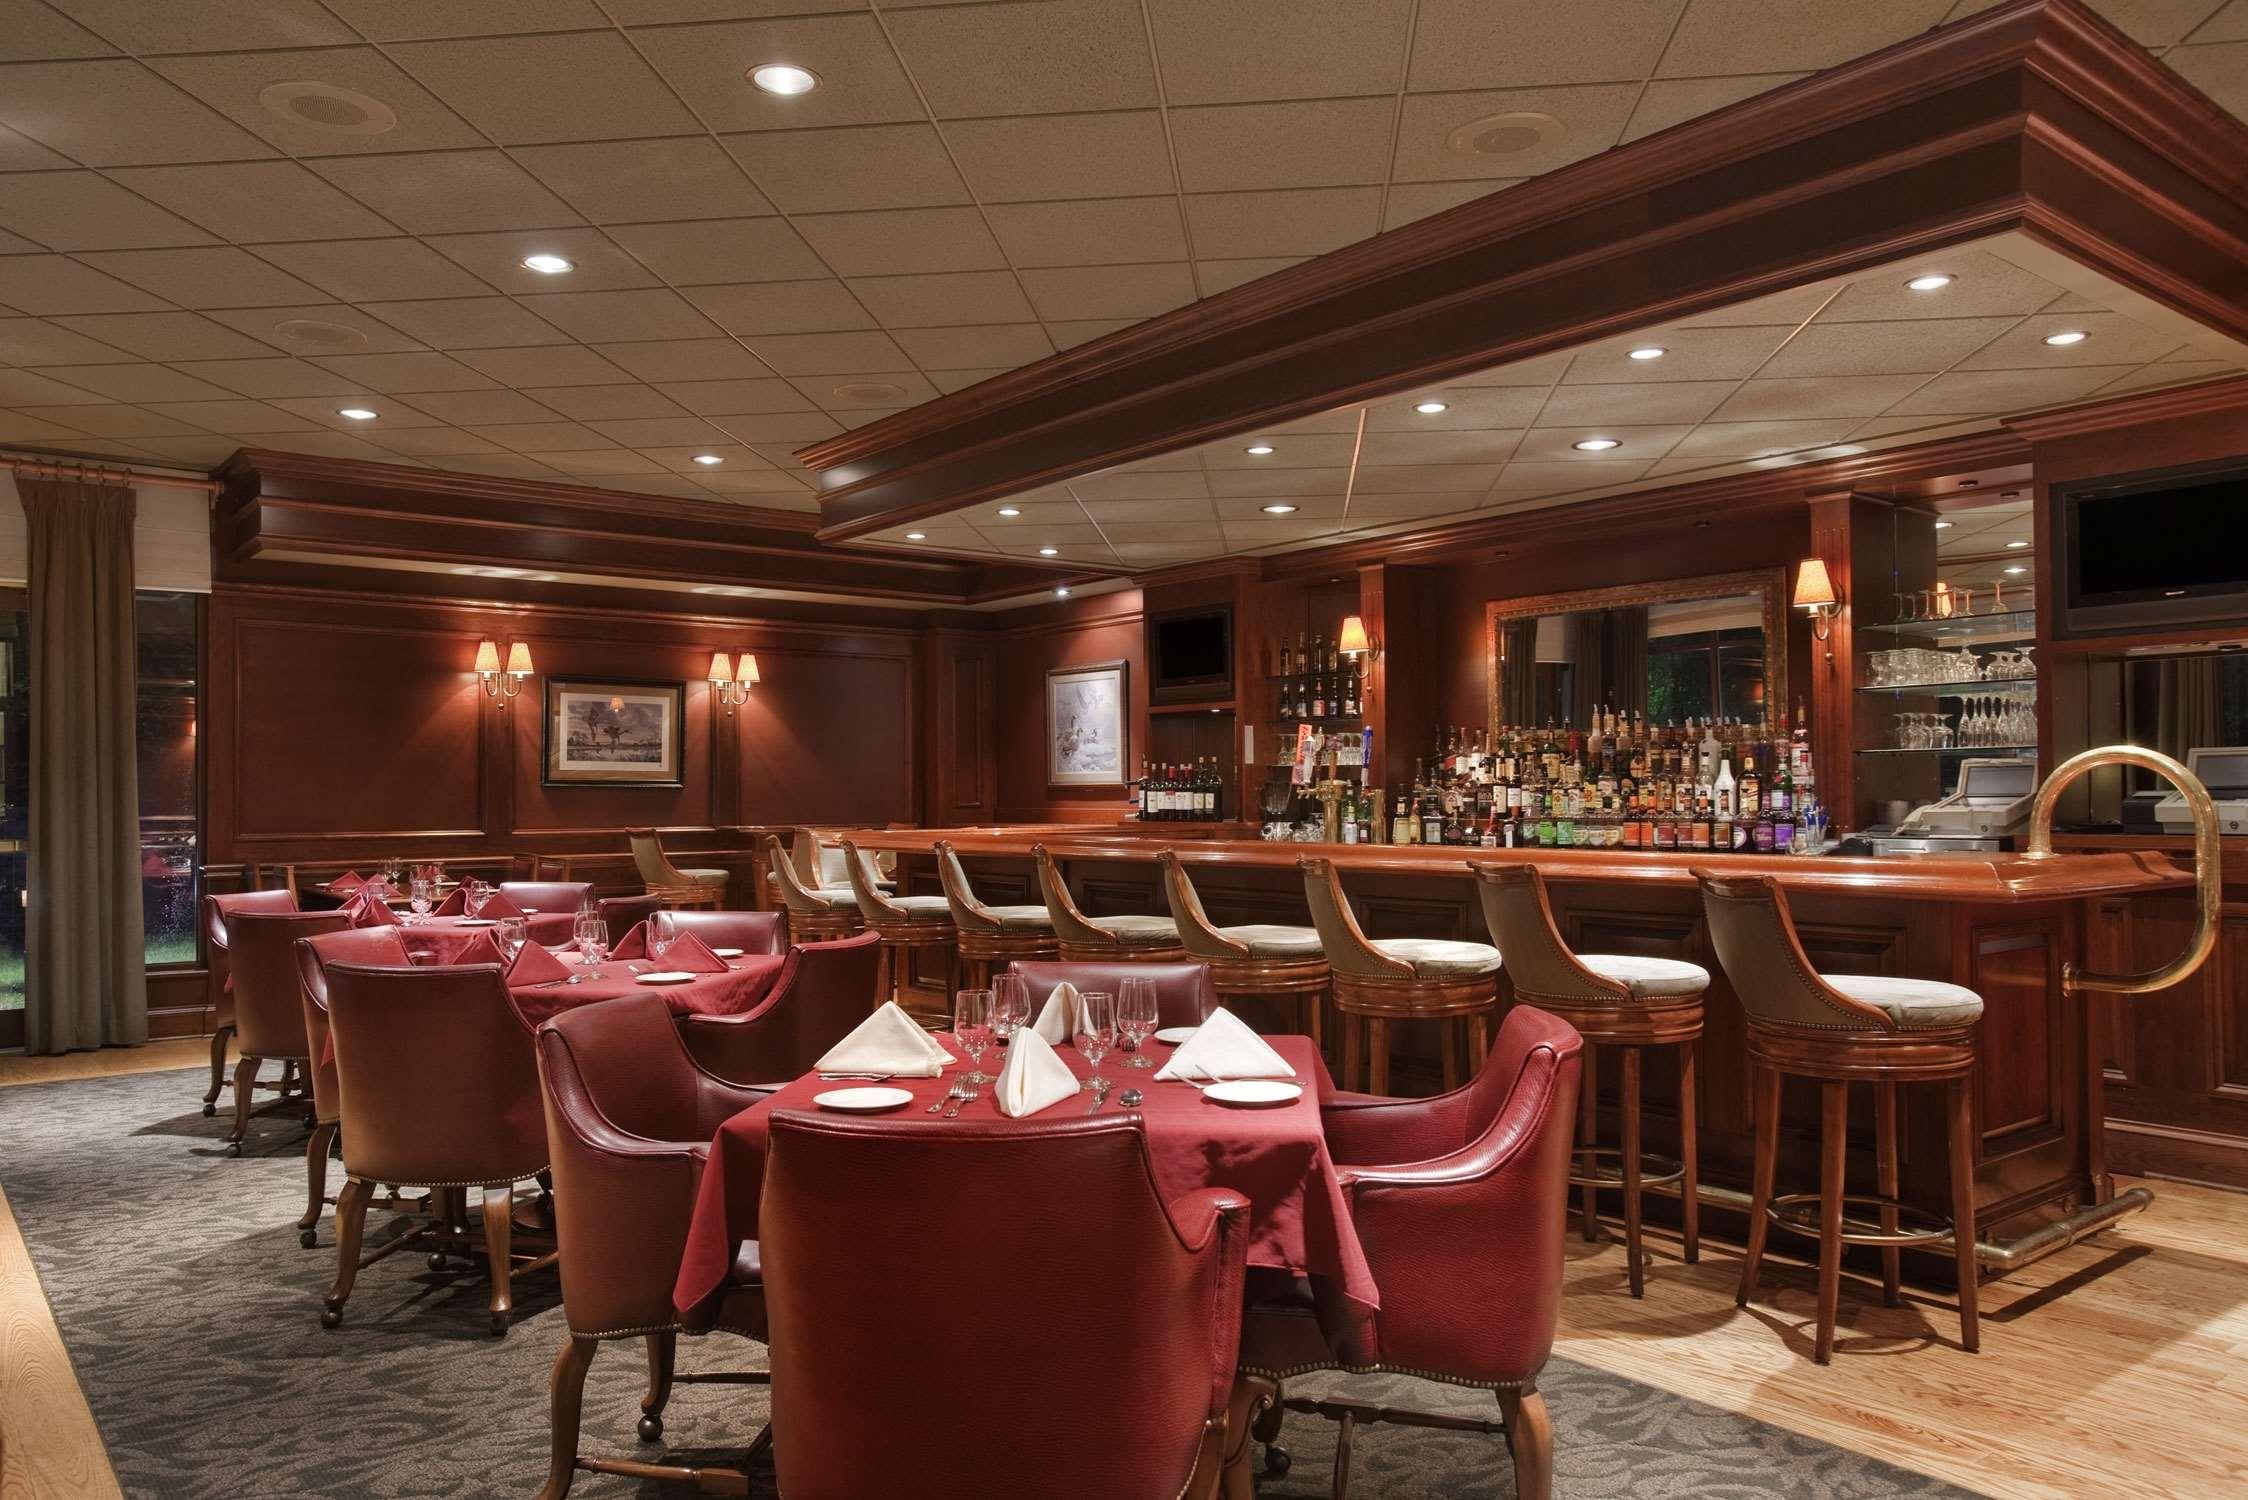 Hilton Garden Inn Syracuse image 6